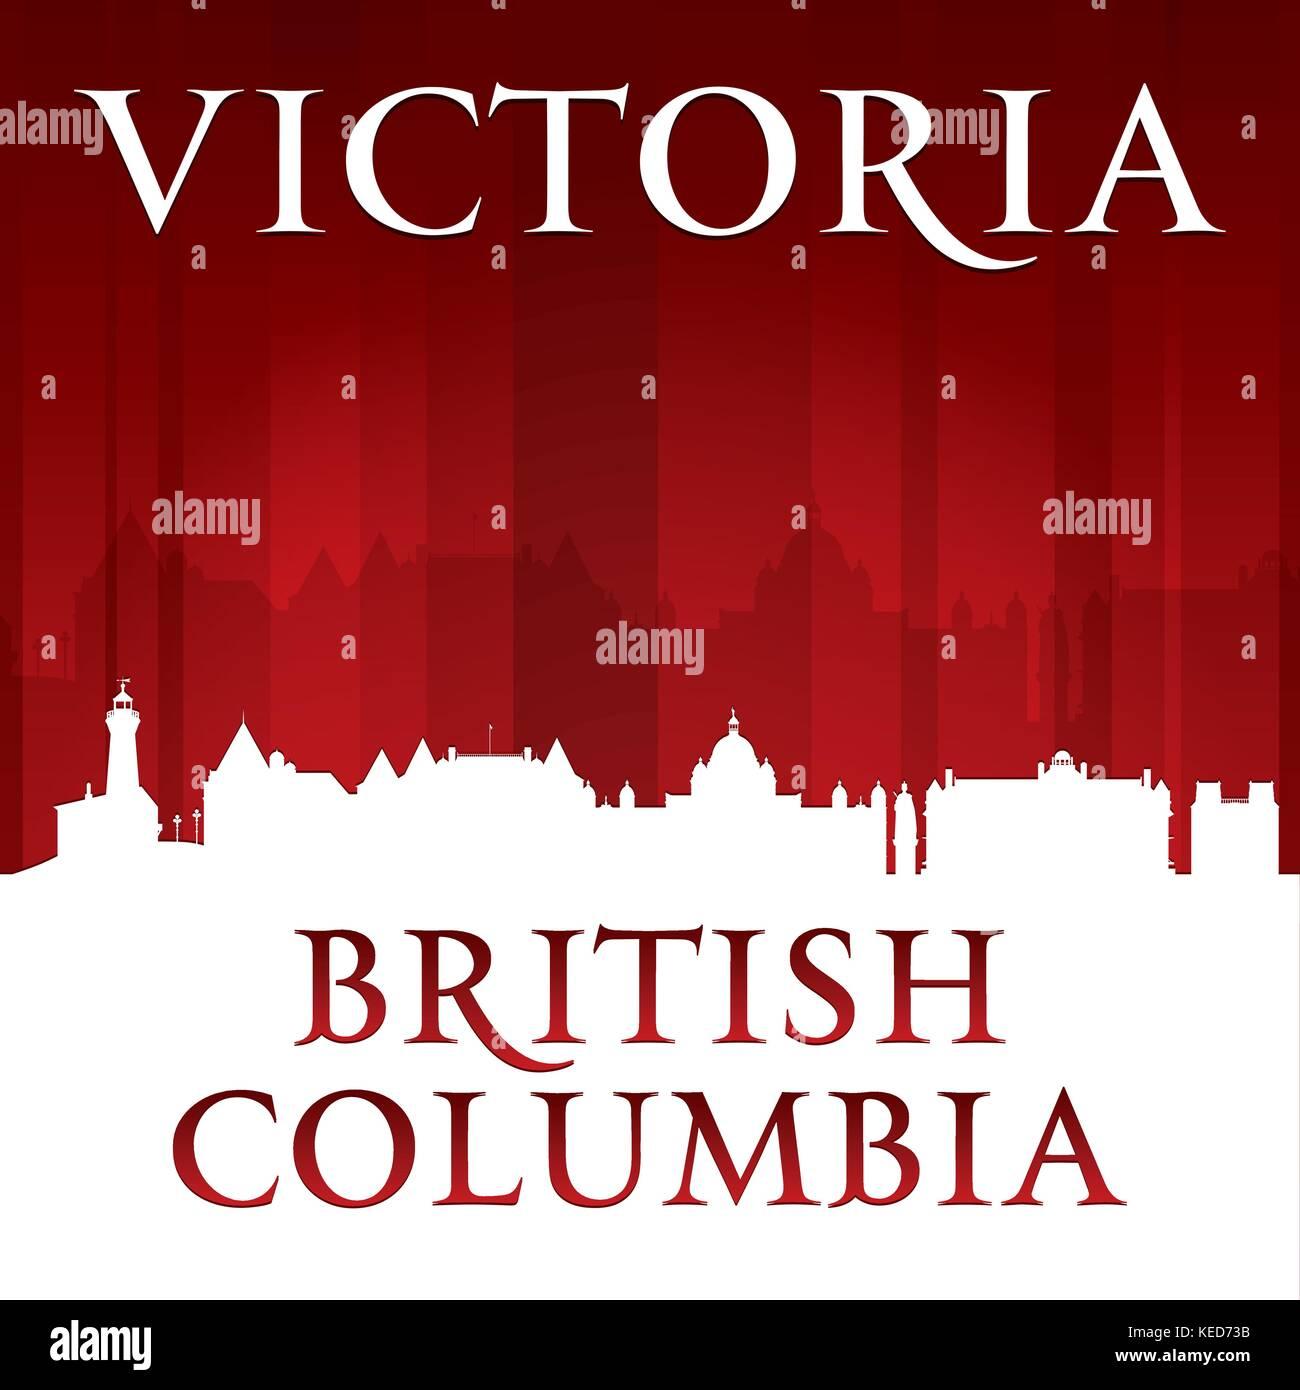 Victoria, Columbia Británica, Canadá ciudad de silueta. Ilustración vectorial Imagen De Stock